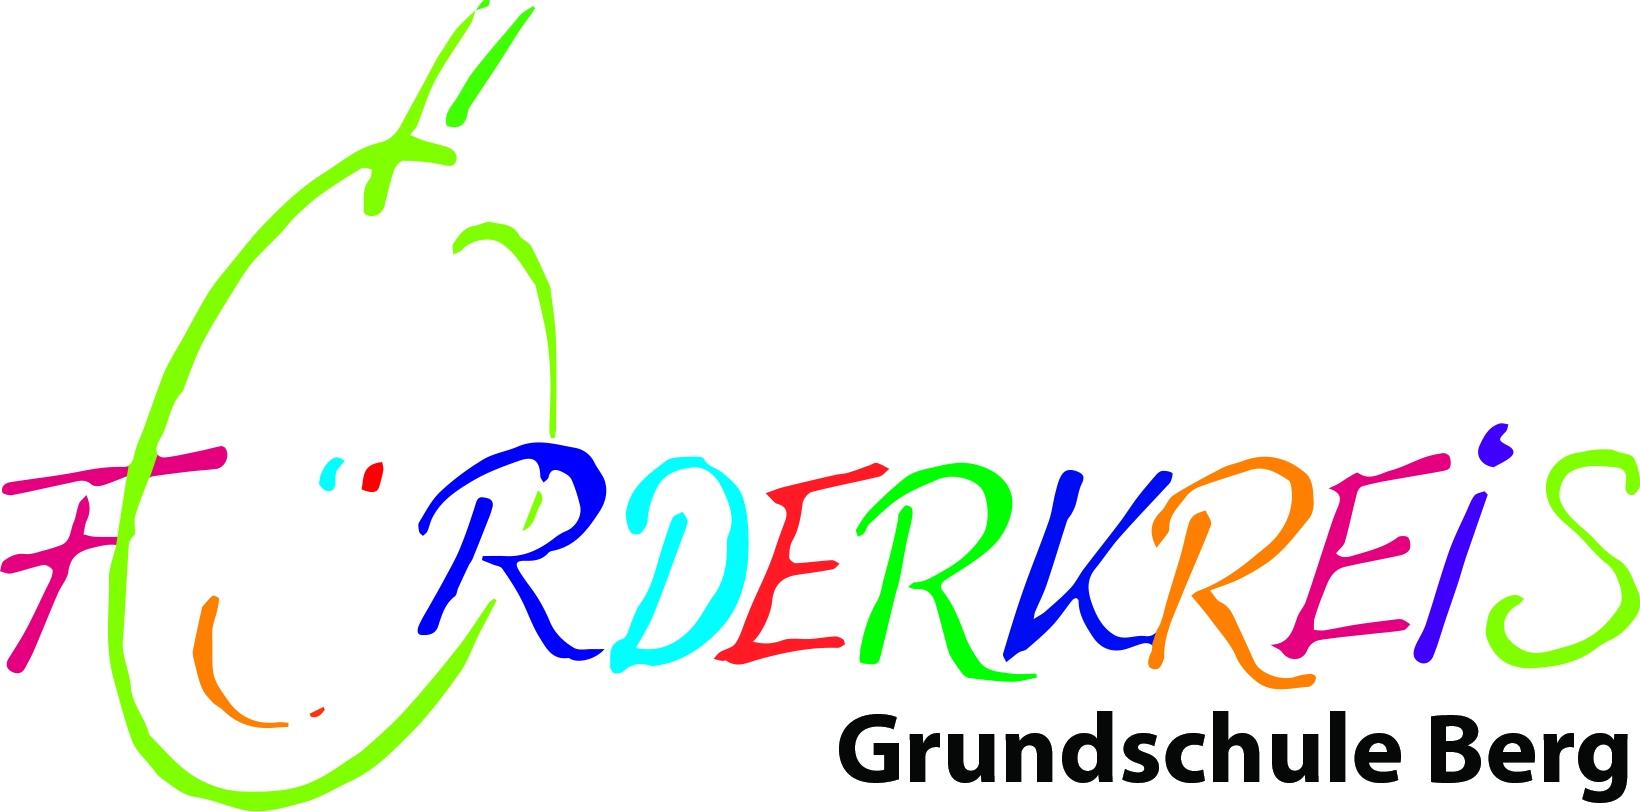 Förderkreis Grundschule Berg